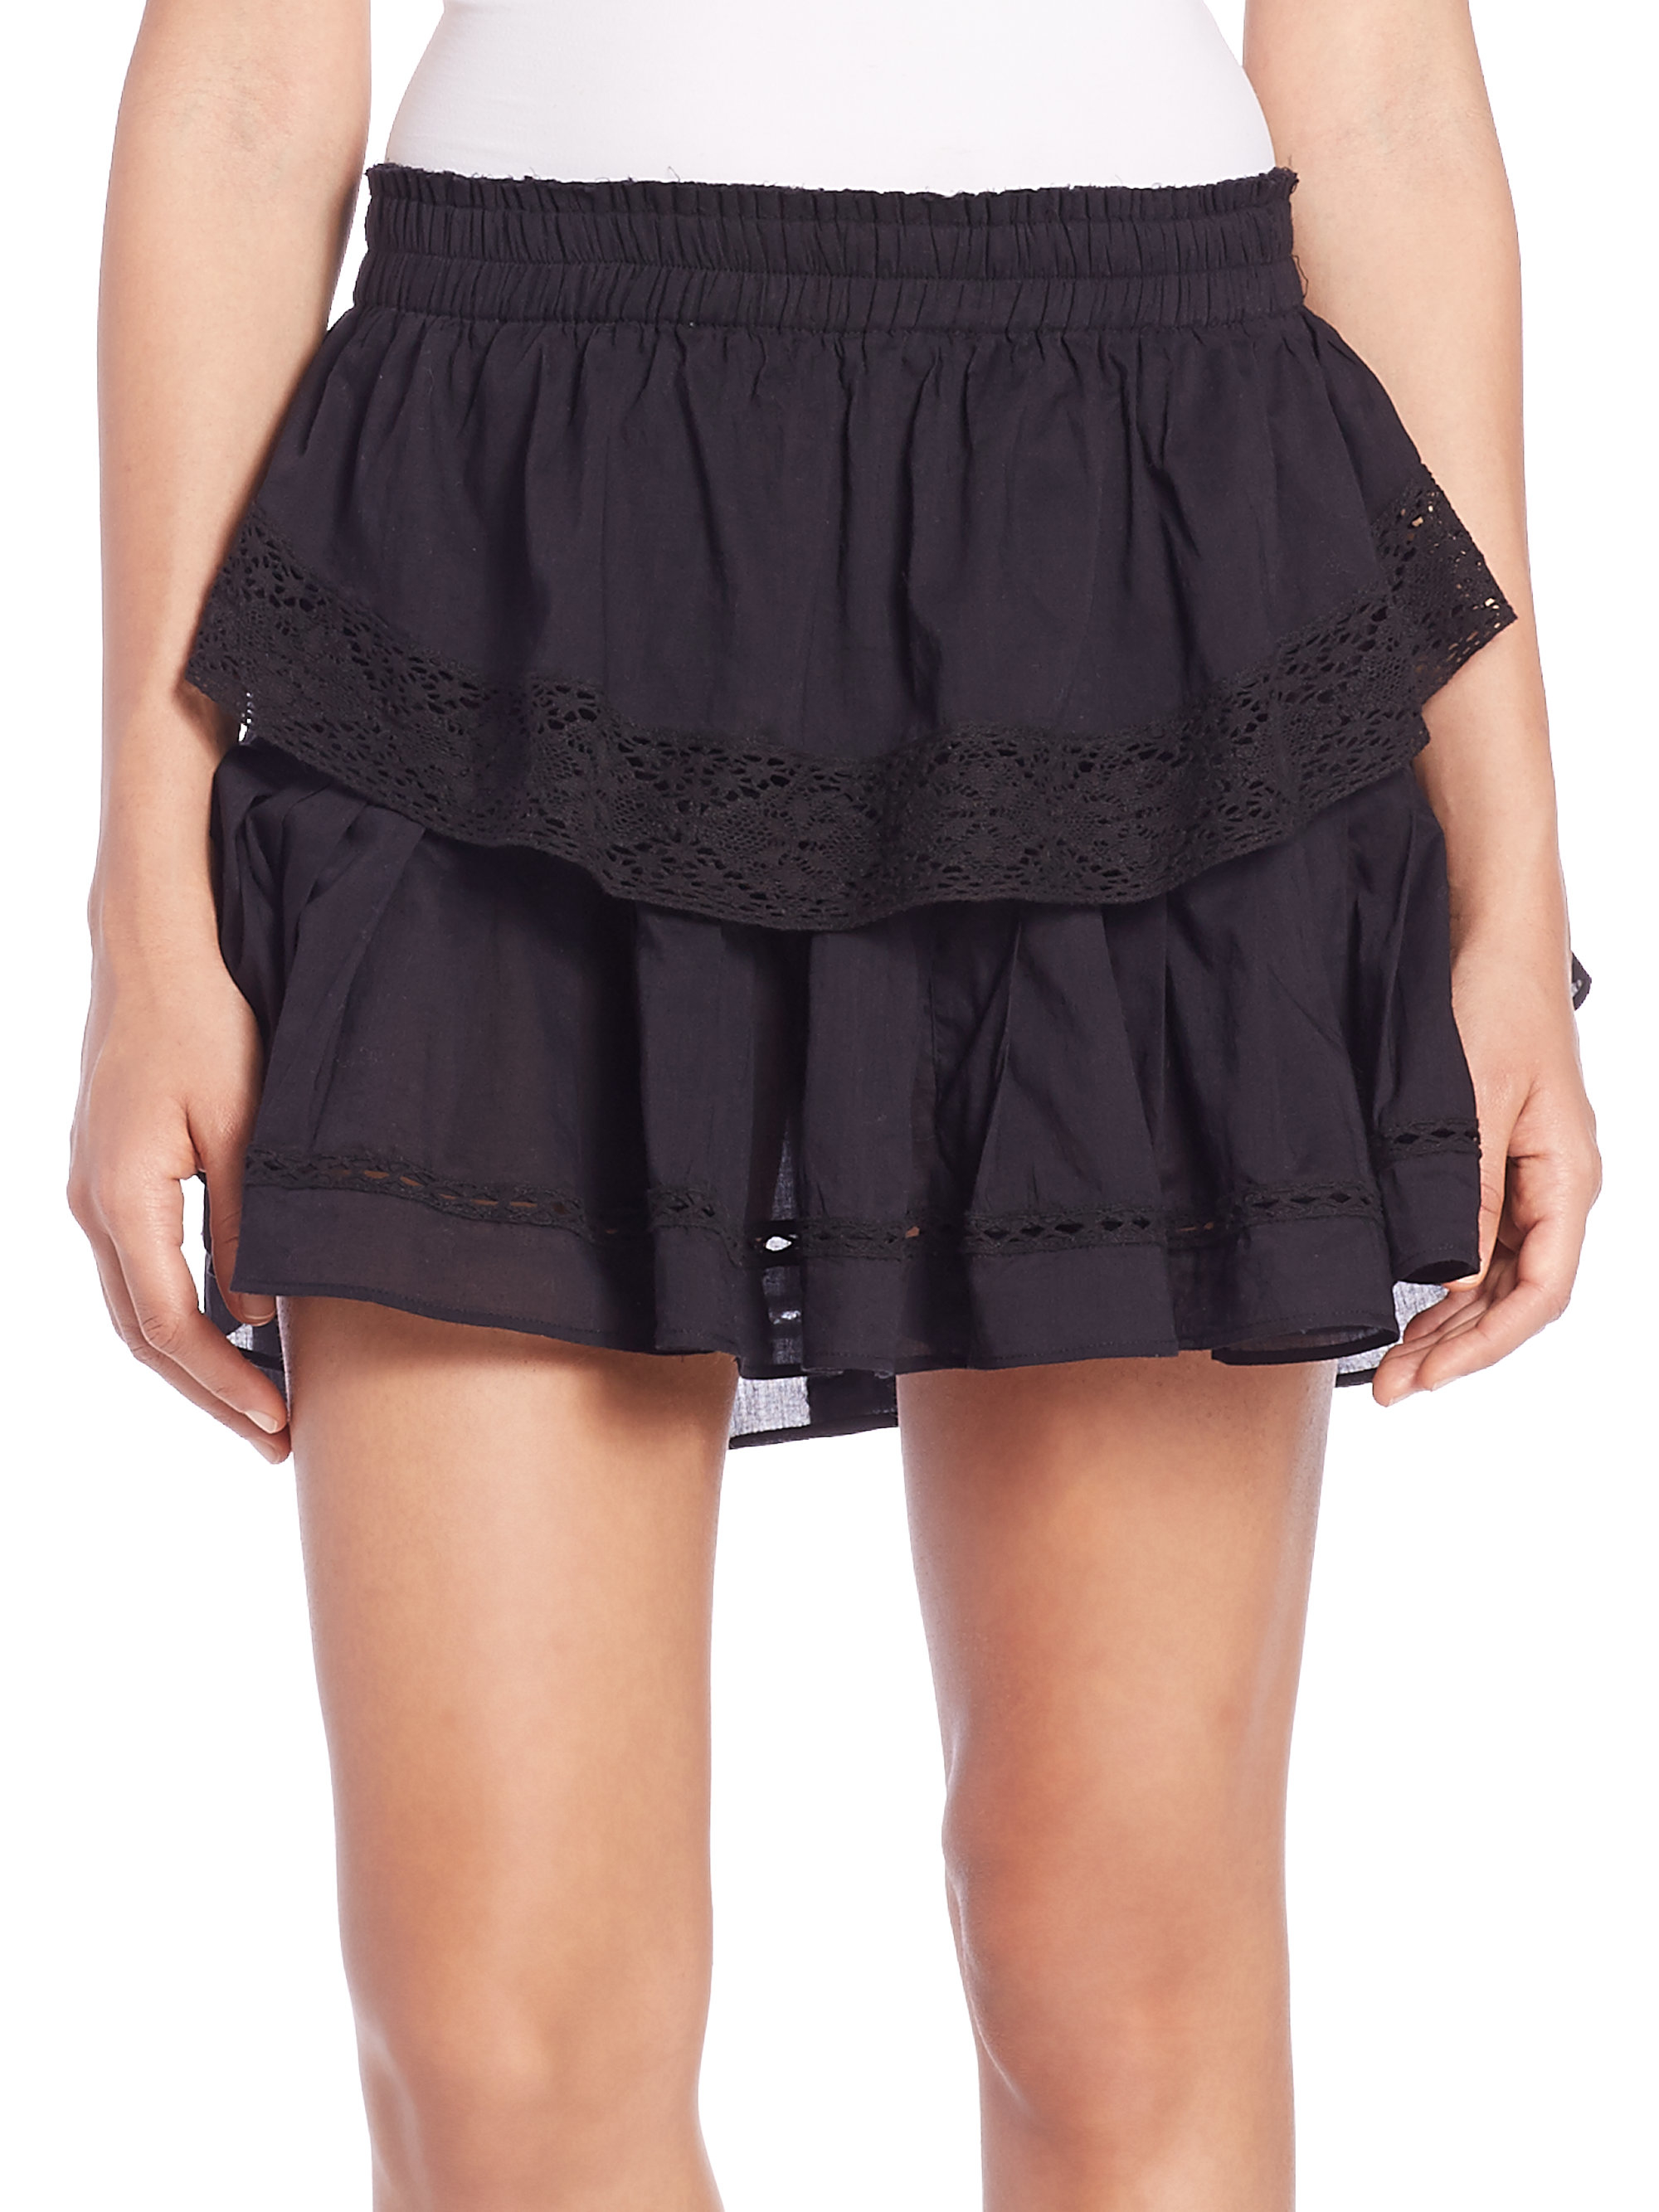 Loveshackfancy Cotton Ruffle Skirt in Black | Lyst